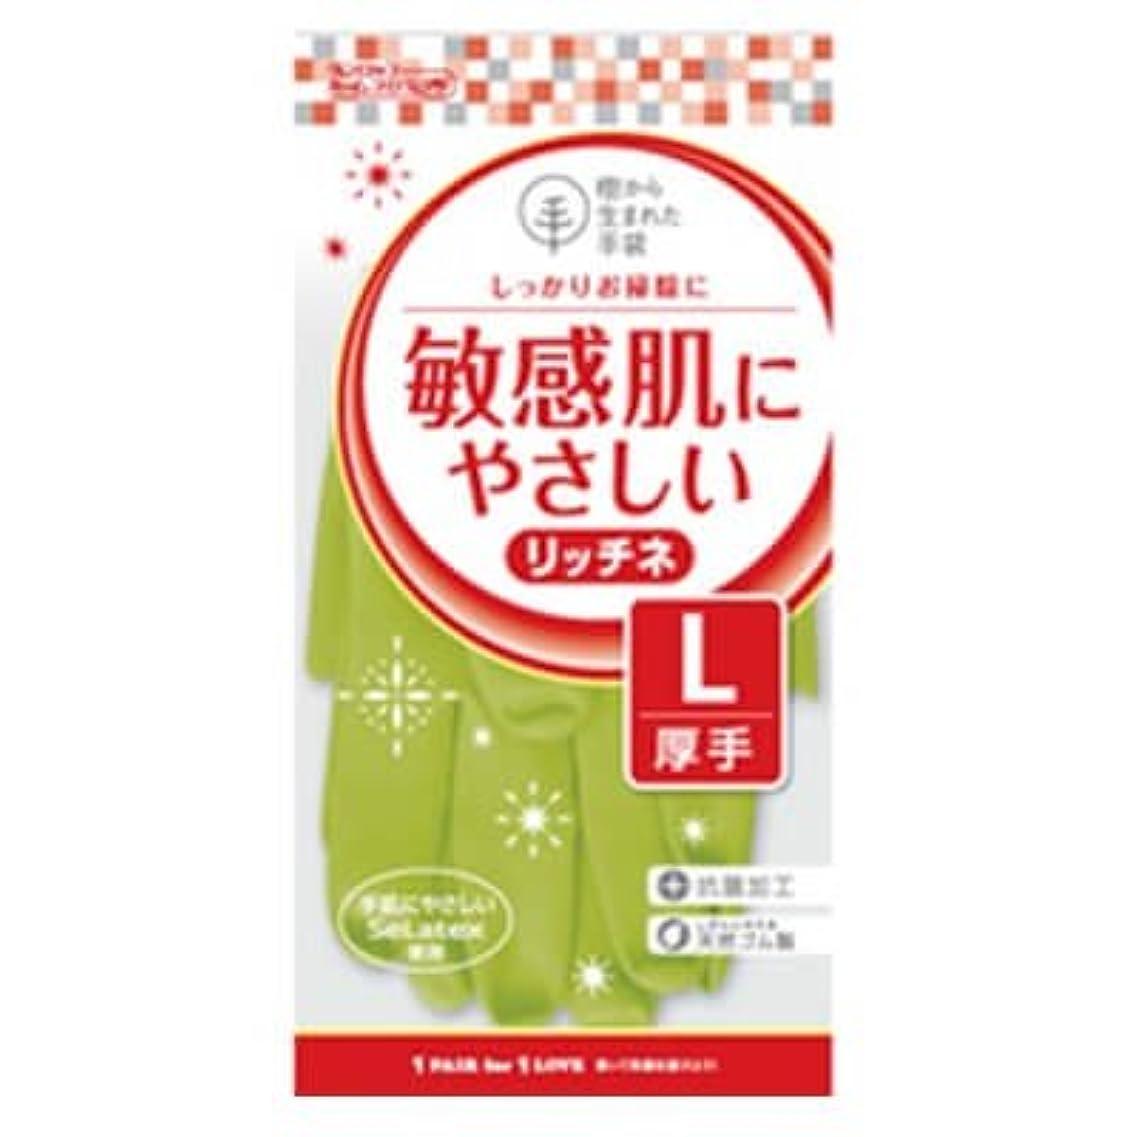 石灰岩サスペンド爆発【ケース販売】 ダンロップ 敏感肌にやさしい リッチネ 厚手 L グリーン (10双×12袋)